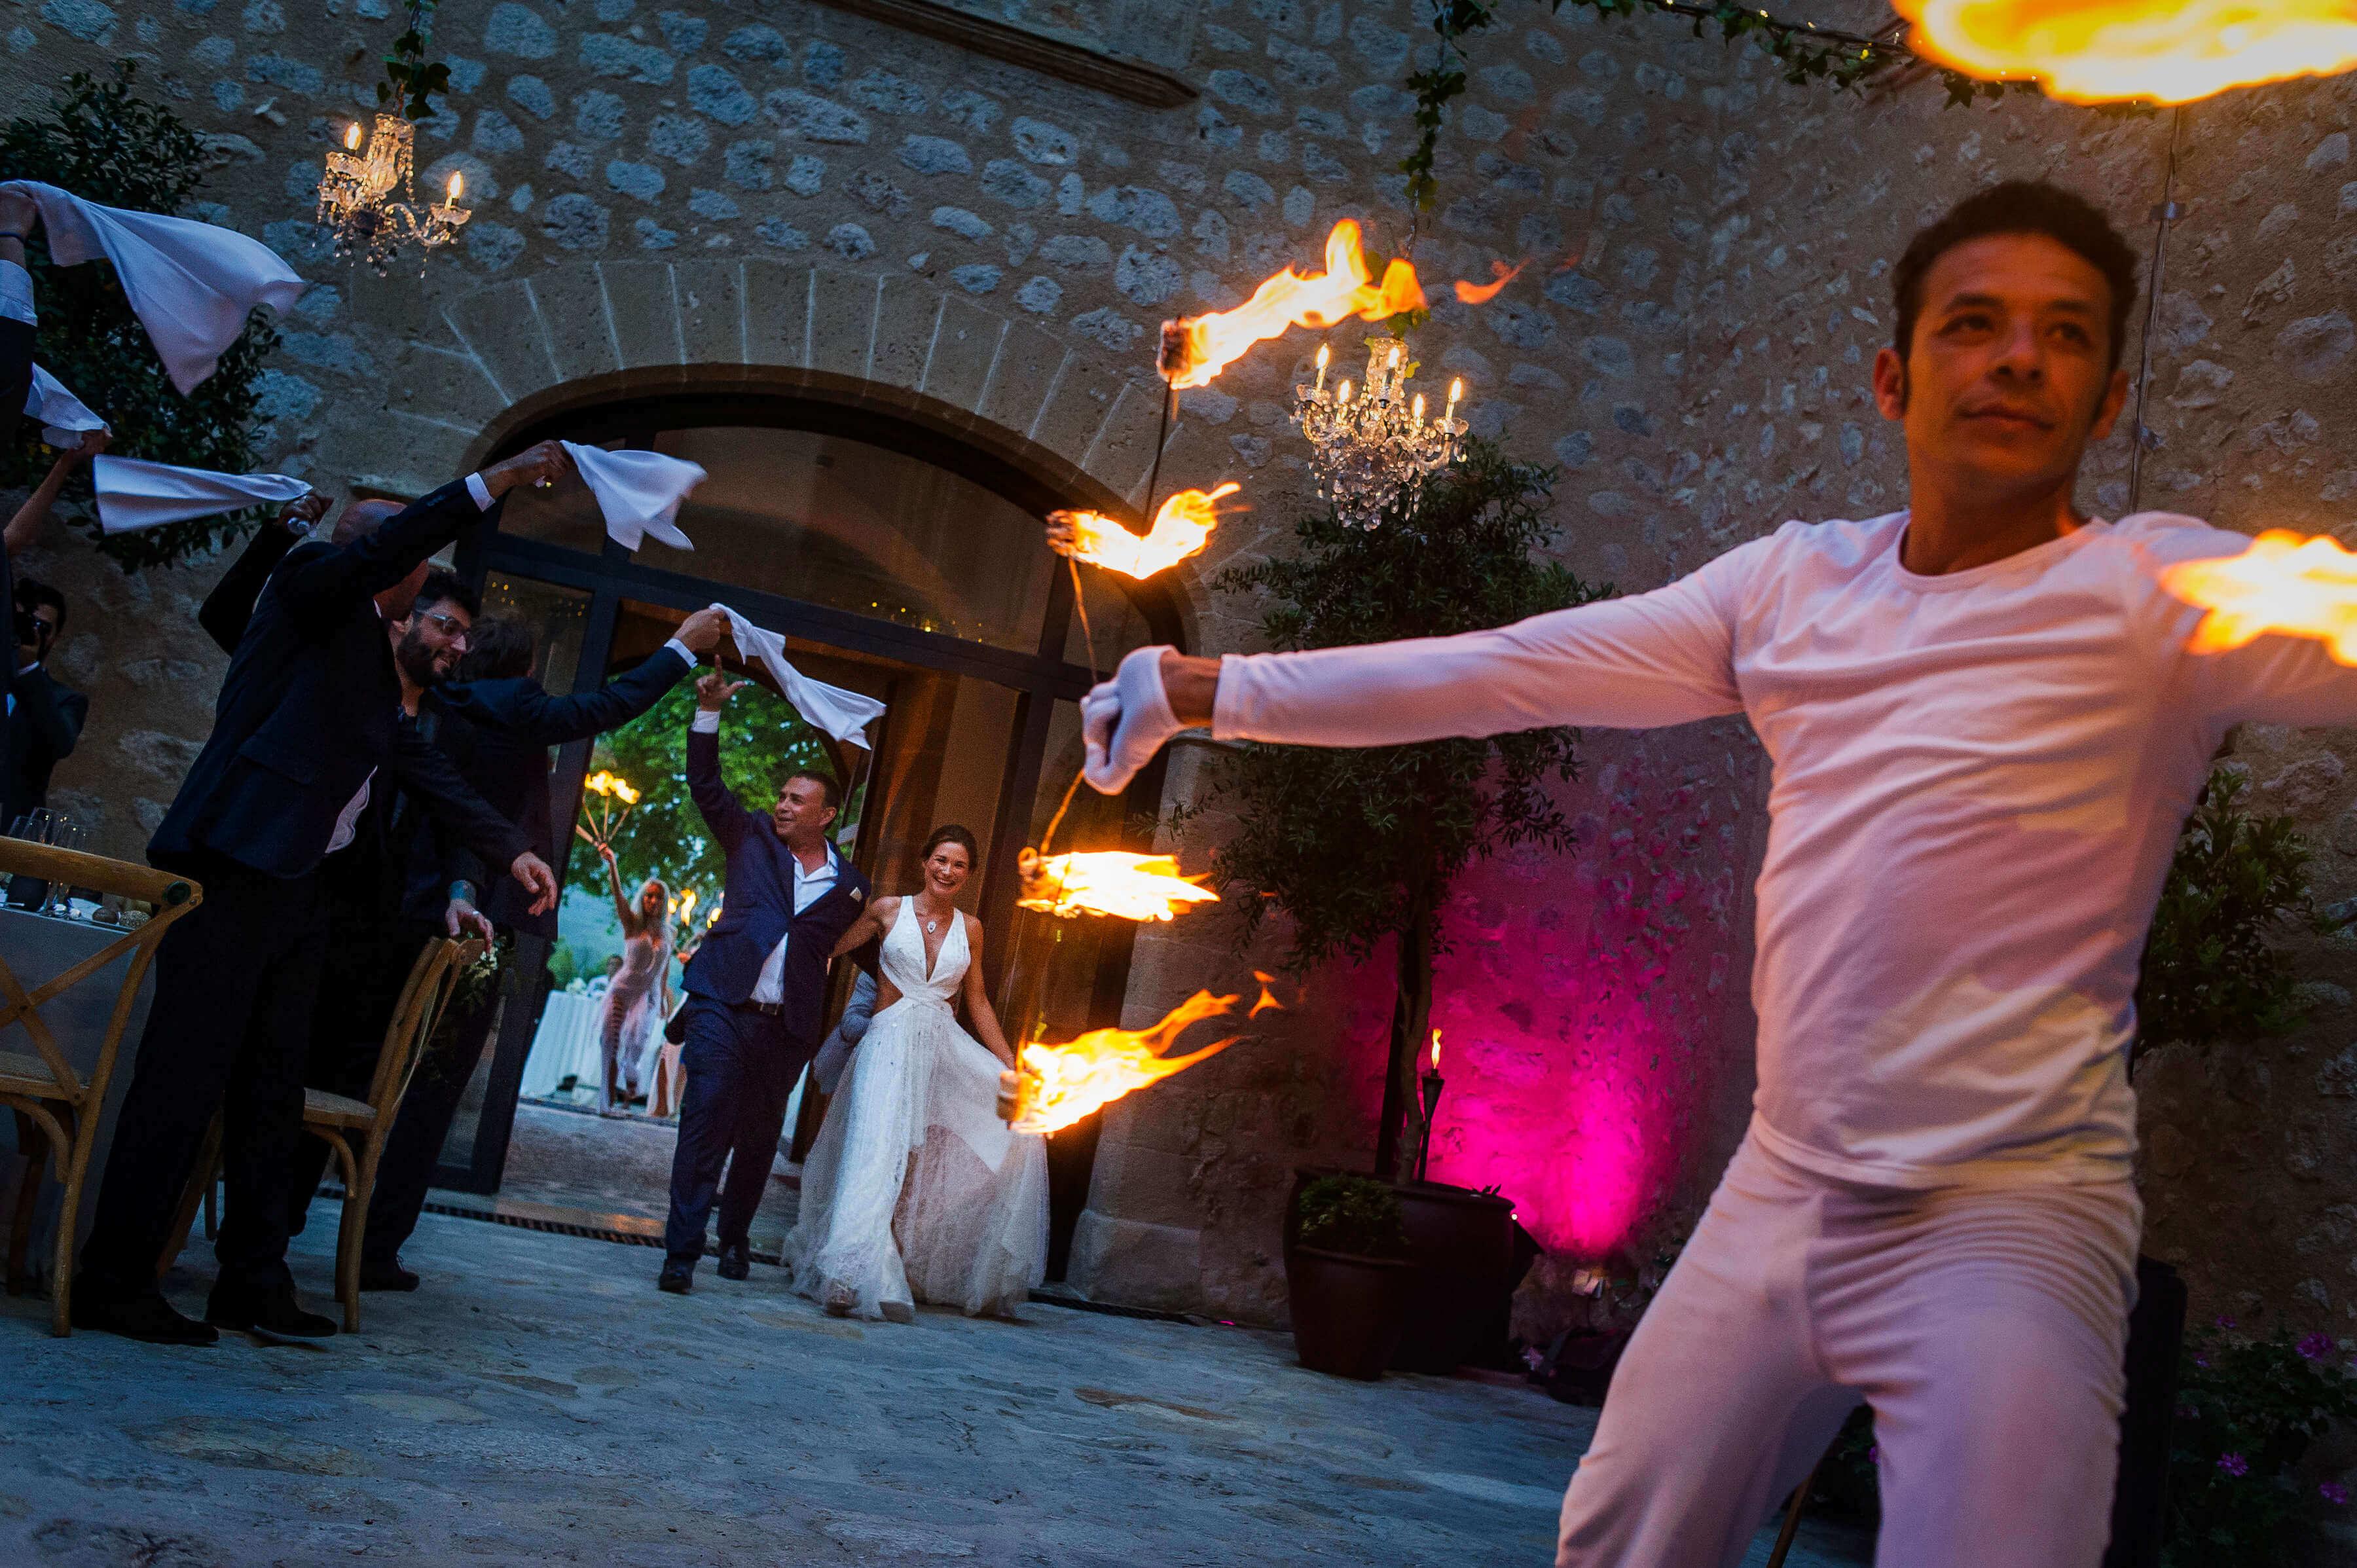 Eventos de lujo en Mallorca, Castell Son Claret (26)